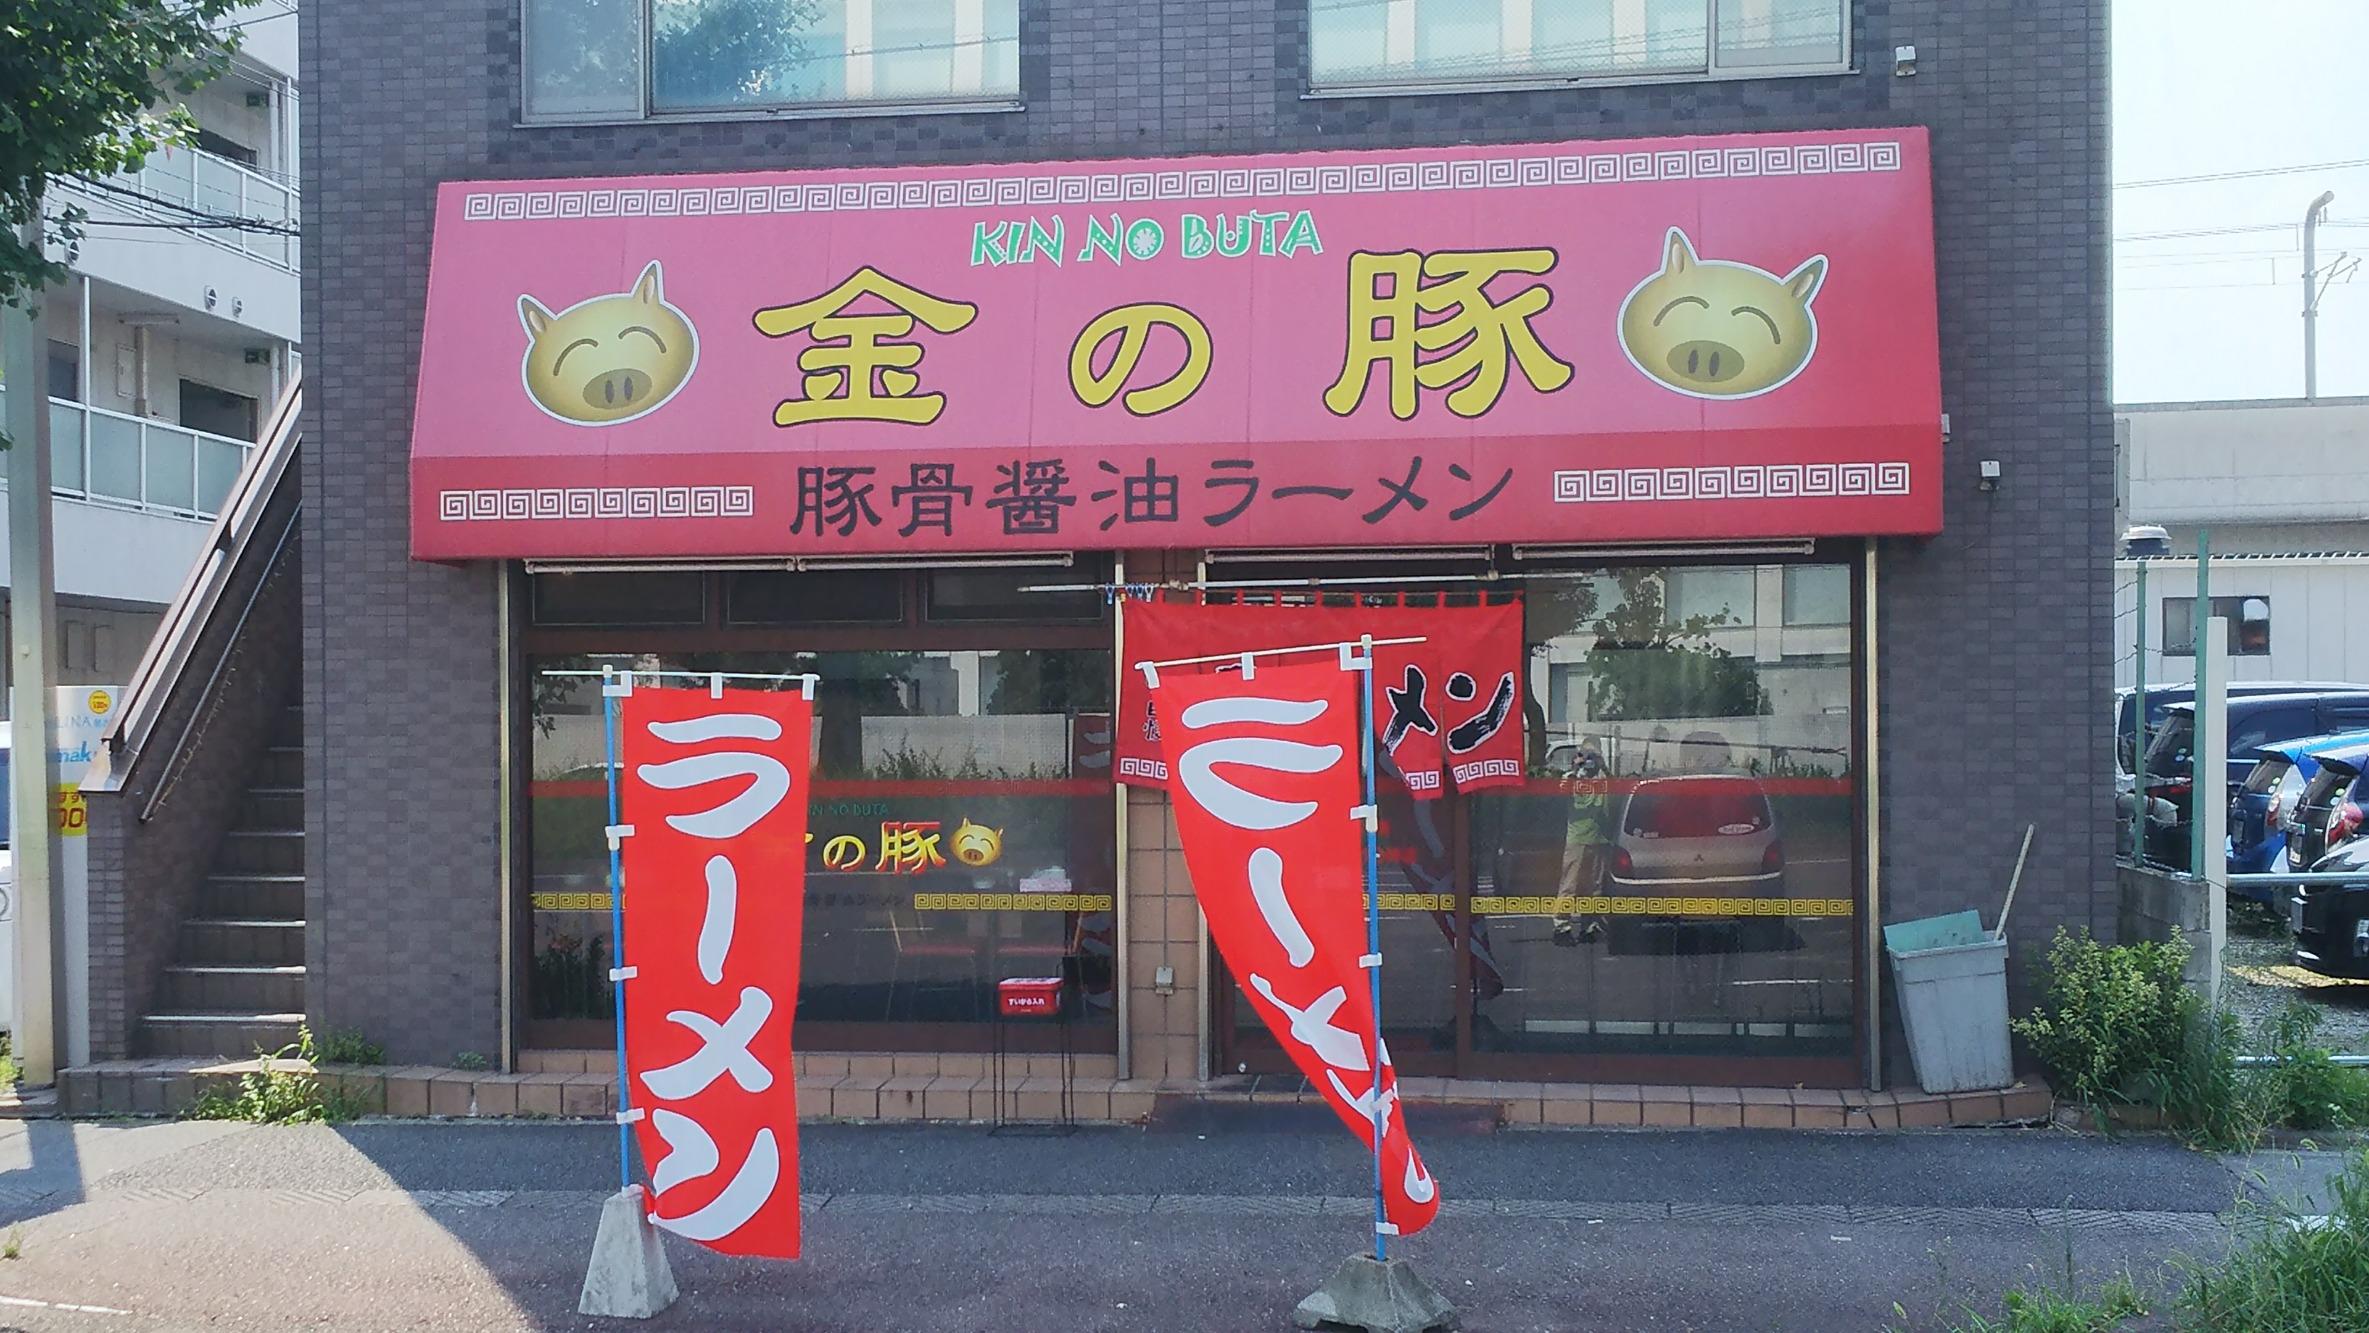 金の豚(京都市/ラーメン屋)